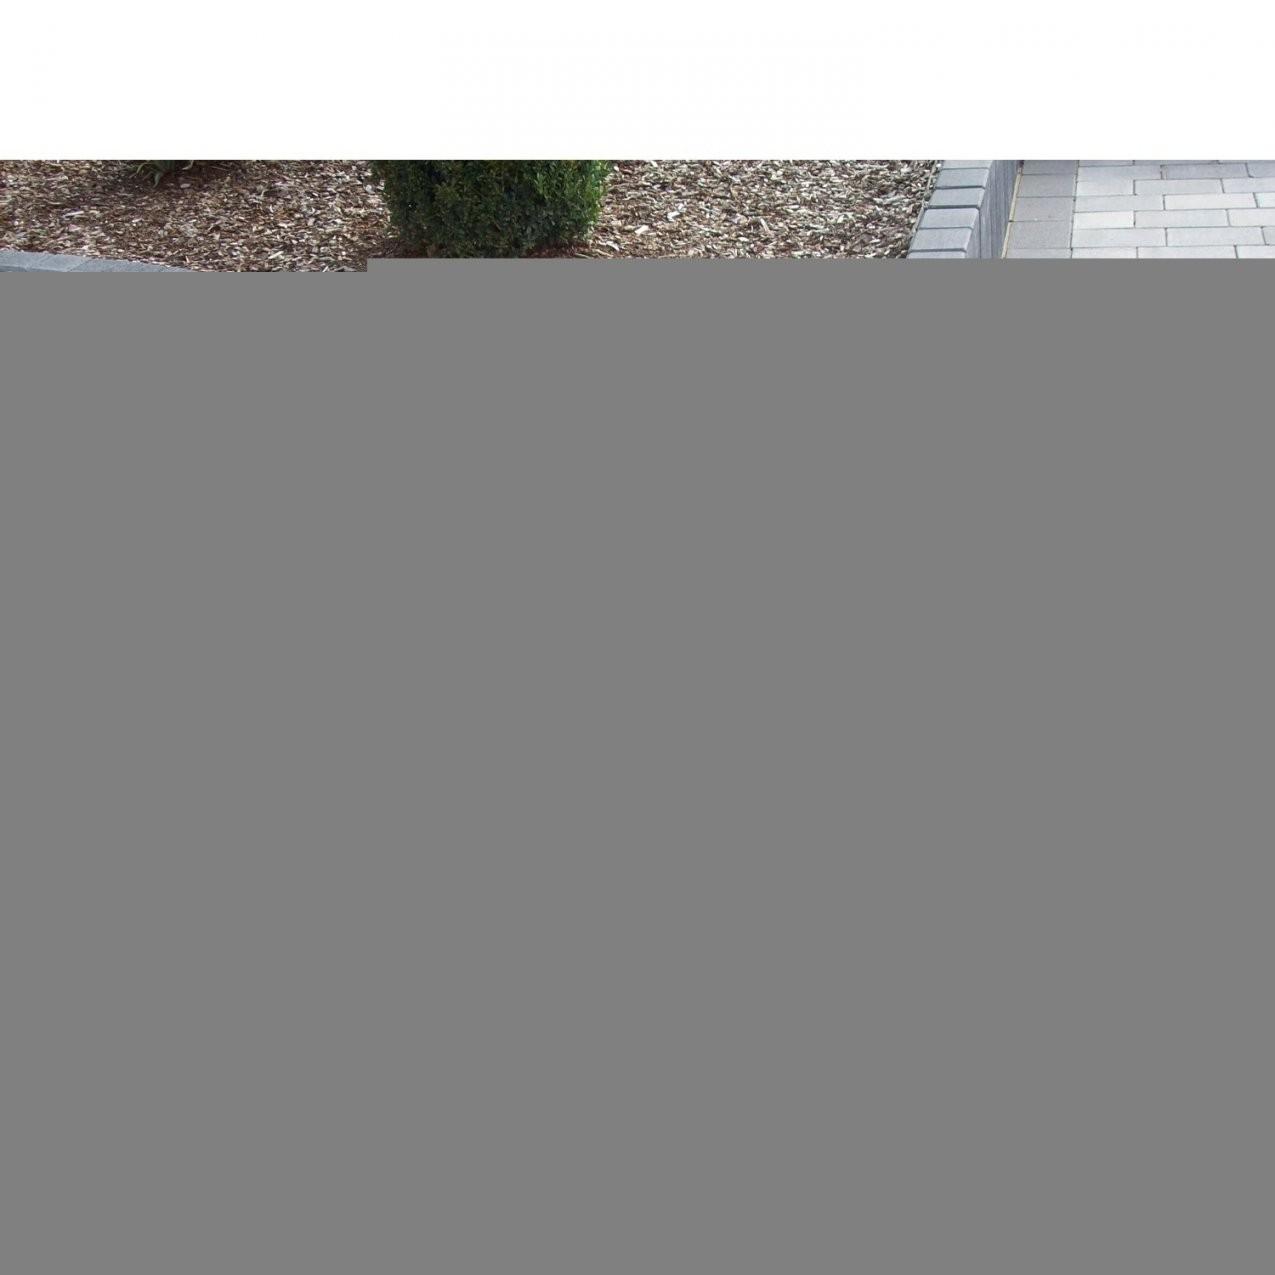 Beeteinfassung Kaufen Bei Obi von Garten Waschbecken Stein Photo